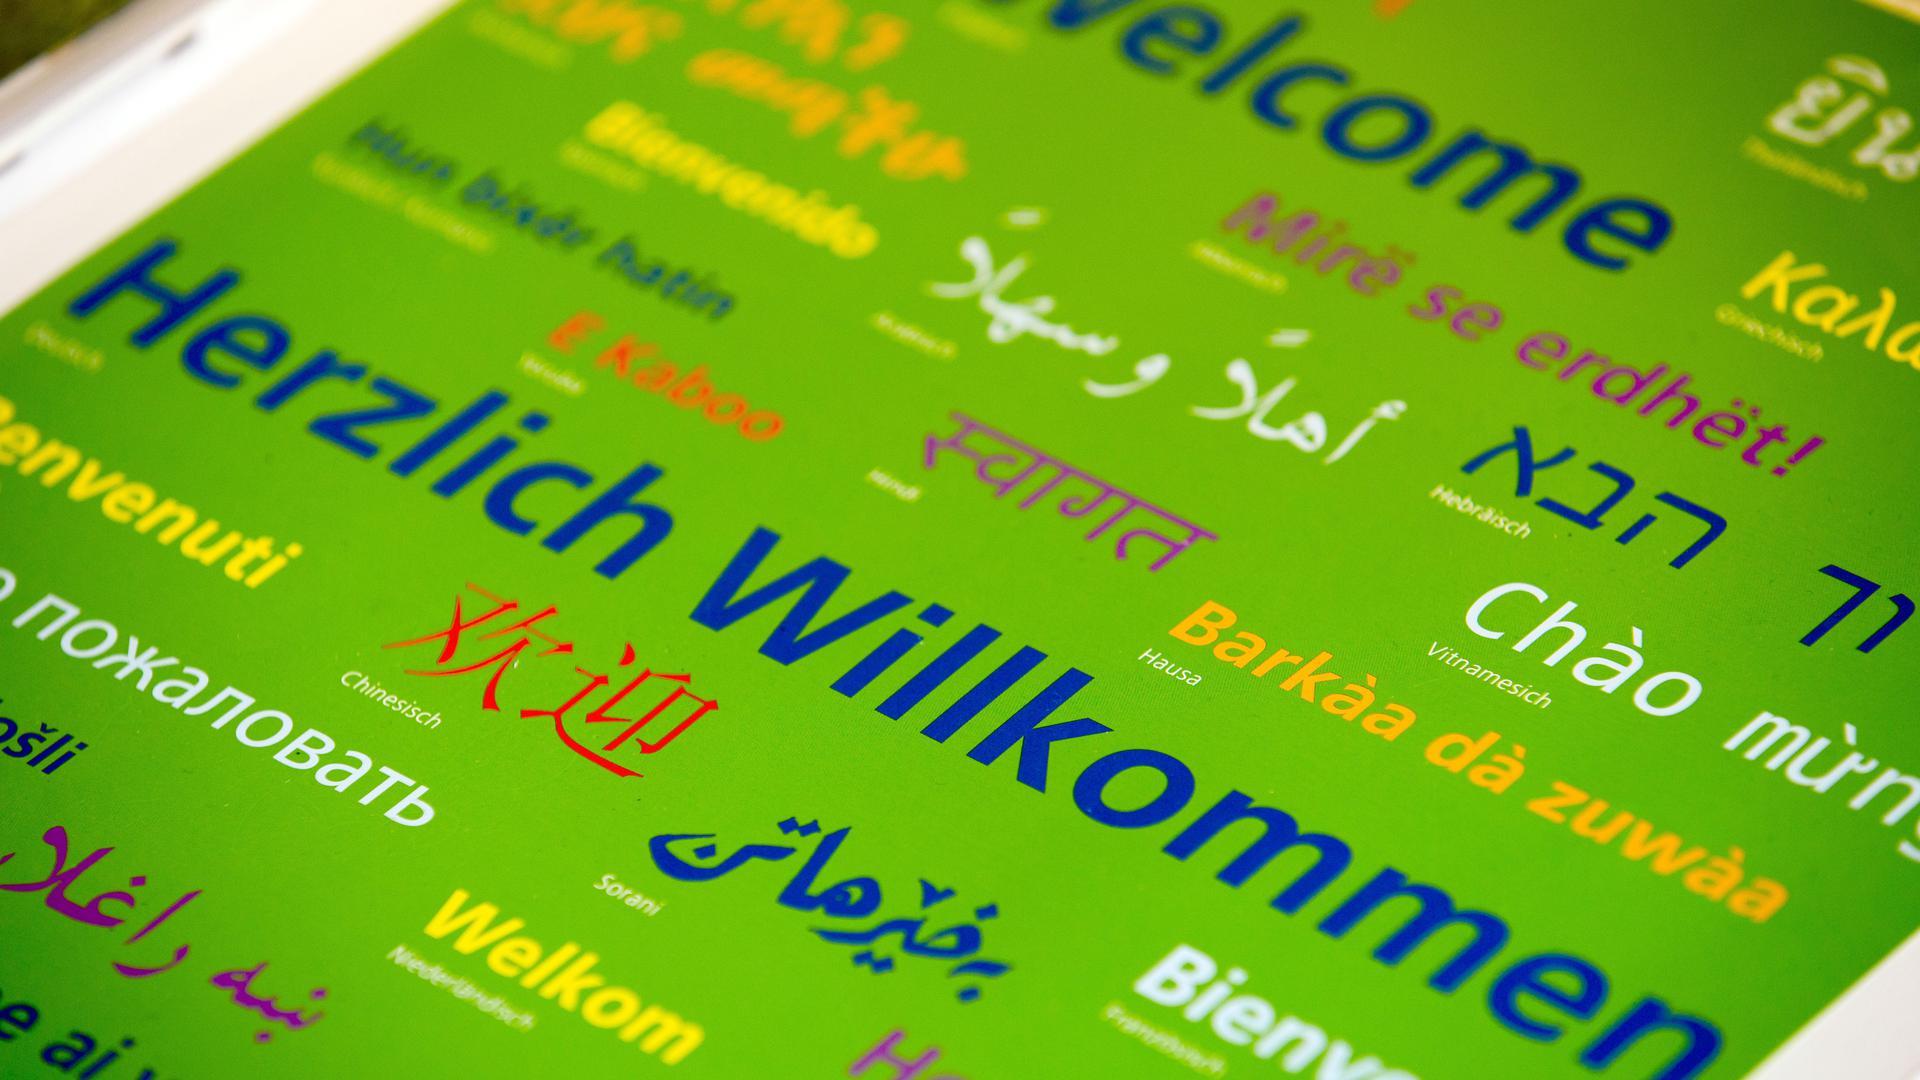 """ARCHIV- """"Herzlich Willkommen"""" ist am 18.03.2015 in verschiedenen Sprachen auf einem Deckblatt von Arbeitsmaterialien für den Deutschunterricht für Flüchtlingskinder zu lesen. Foto: Jens Büttner/dpa (zu lrs """"Willkommenskultur als Wettbewerbsvorteil"""" vom 13.04.2015) +++ dpa-Bildfunk +++"""